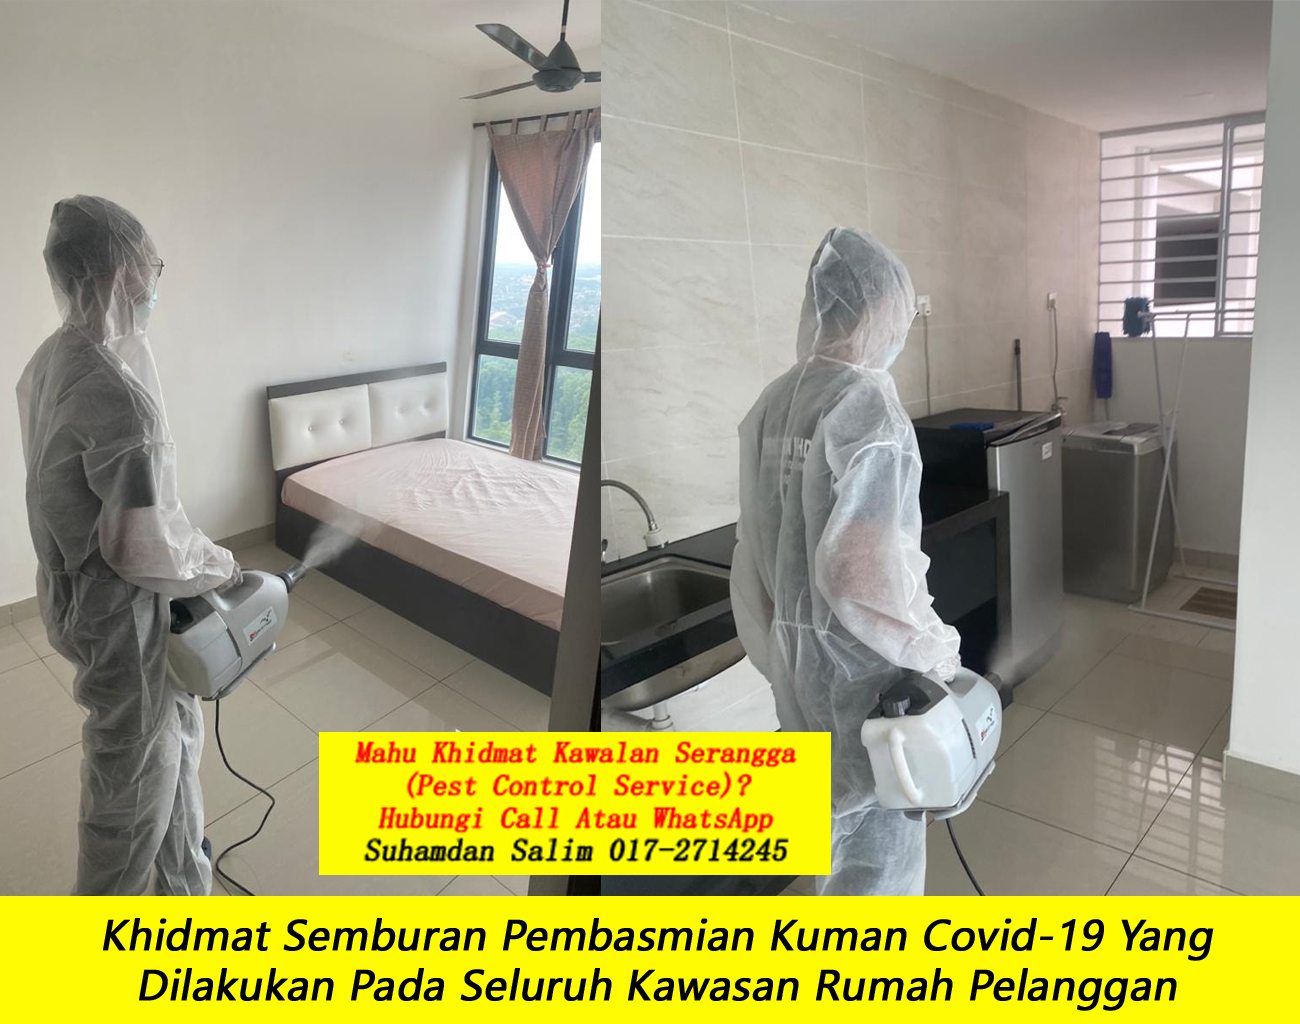 khidmat sanitizing membasmi kuman Covid-19 Disinfection Service semburan sanitize covid 19 paling berkesan dengan harga berpatutan the best service covid-19 KLCC Kuala Lumpur City Centre kl